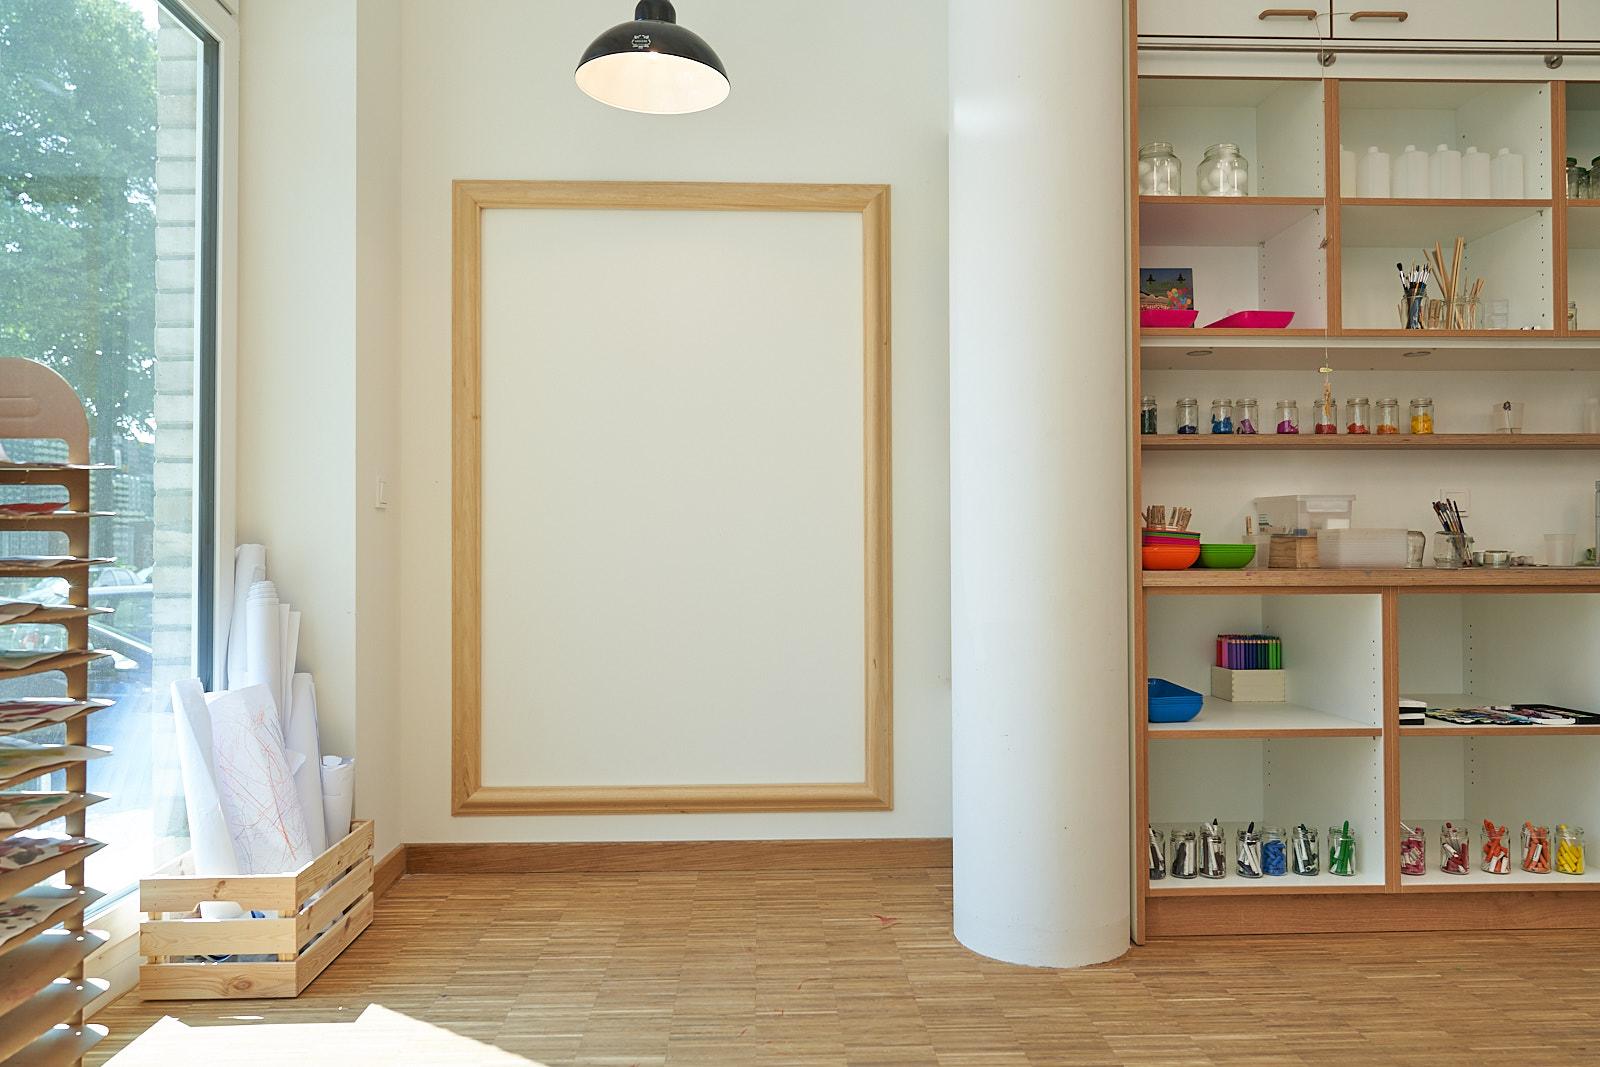 Hamburg, Neue Mitte Altona, Moete, Kita Sandvika, Atelier, Lernwerkstatt, Kita, Kindergarten, Kindertagesstätte, Krippe 07.jpg